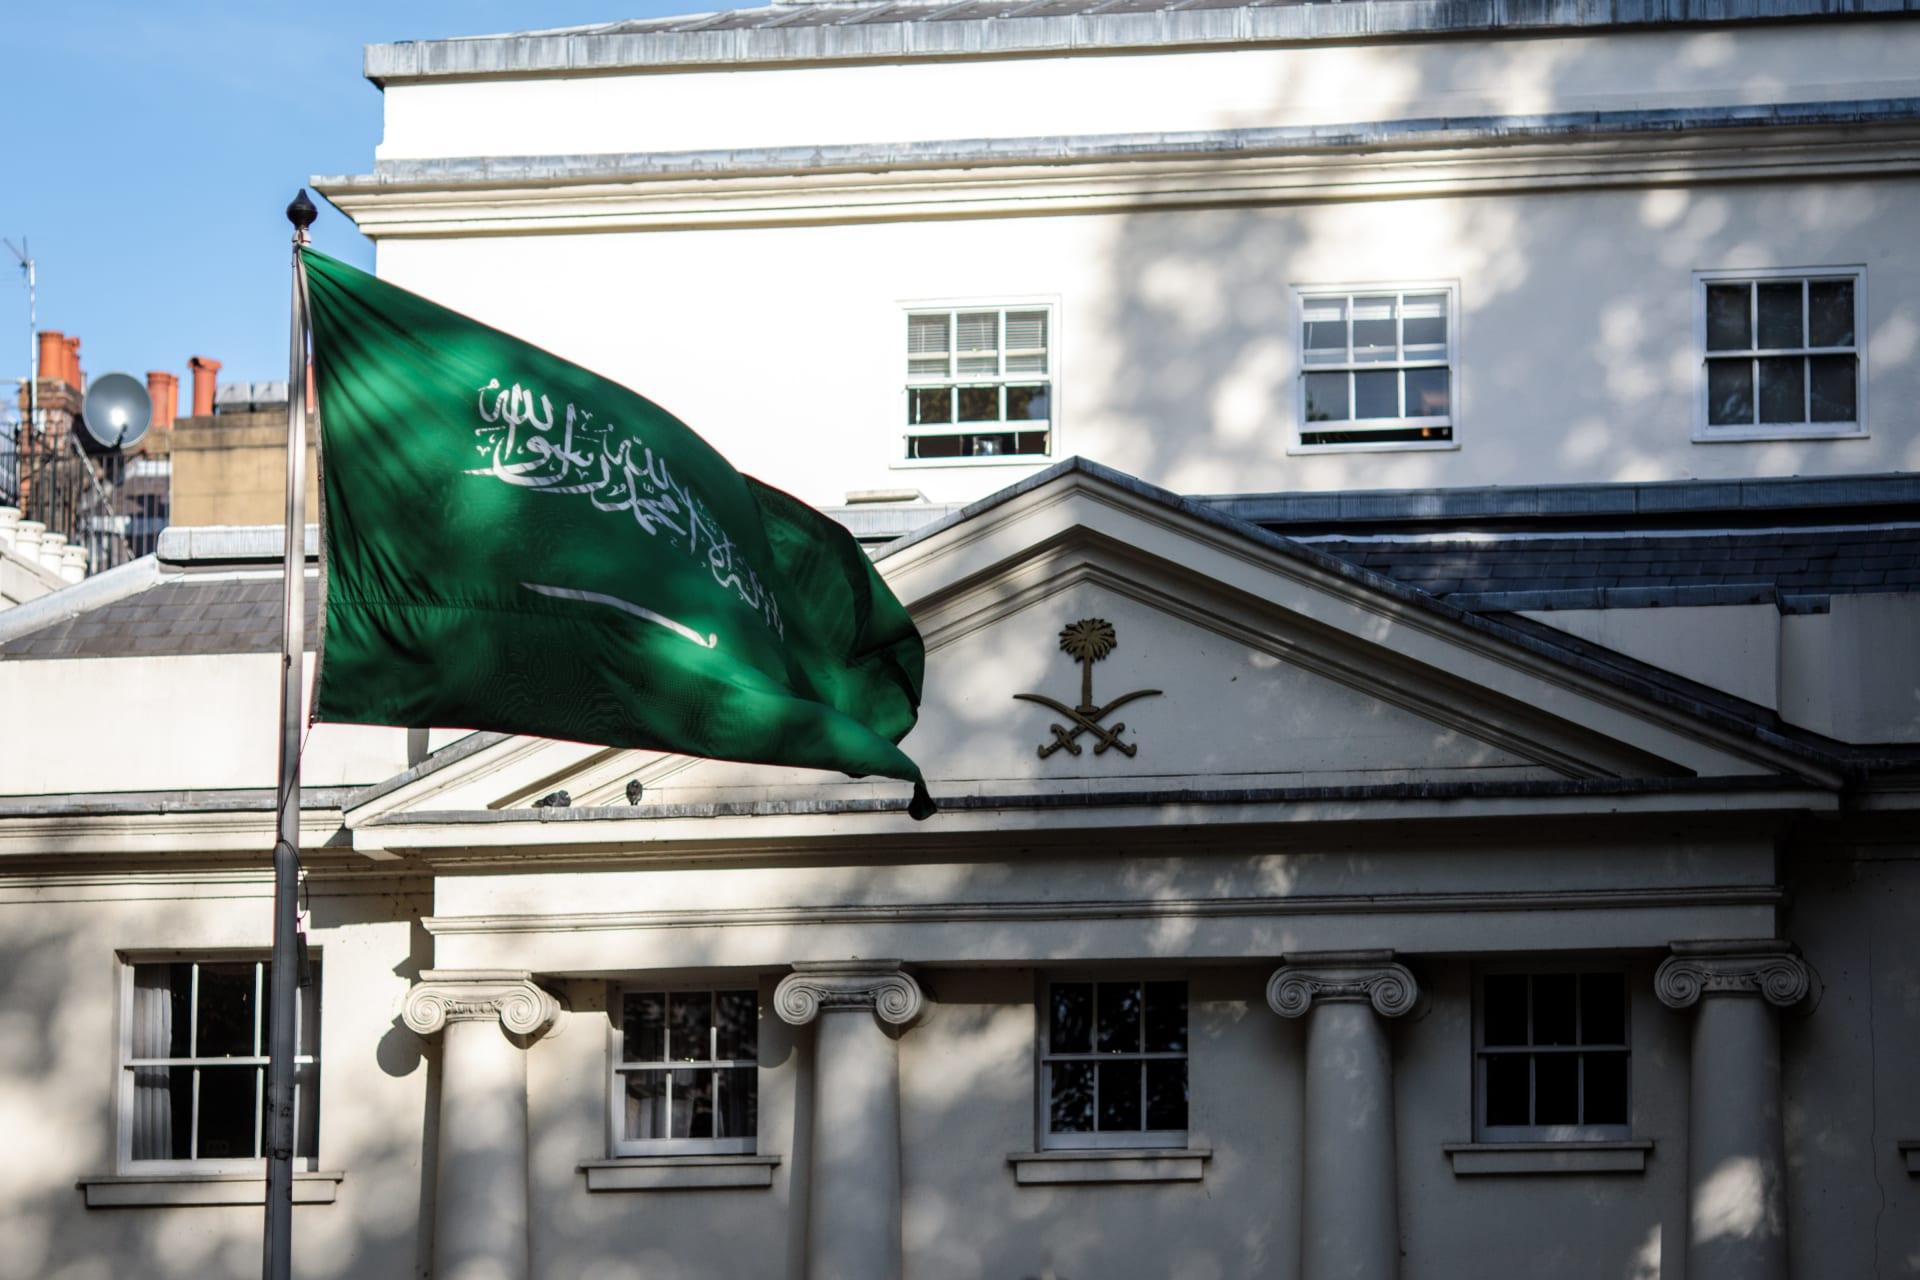 اعتقال ثلاثة أشخاص بعد اندلاع حريق في مقر إقامة السفير السعودي في لندن